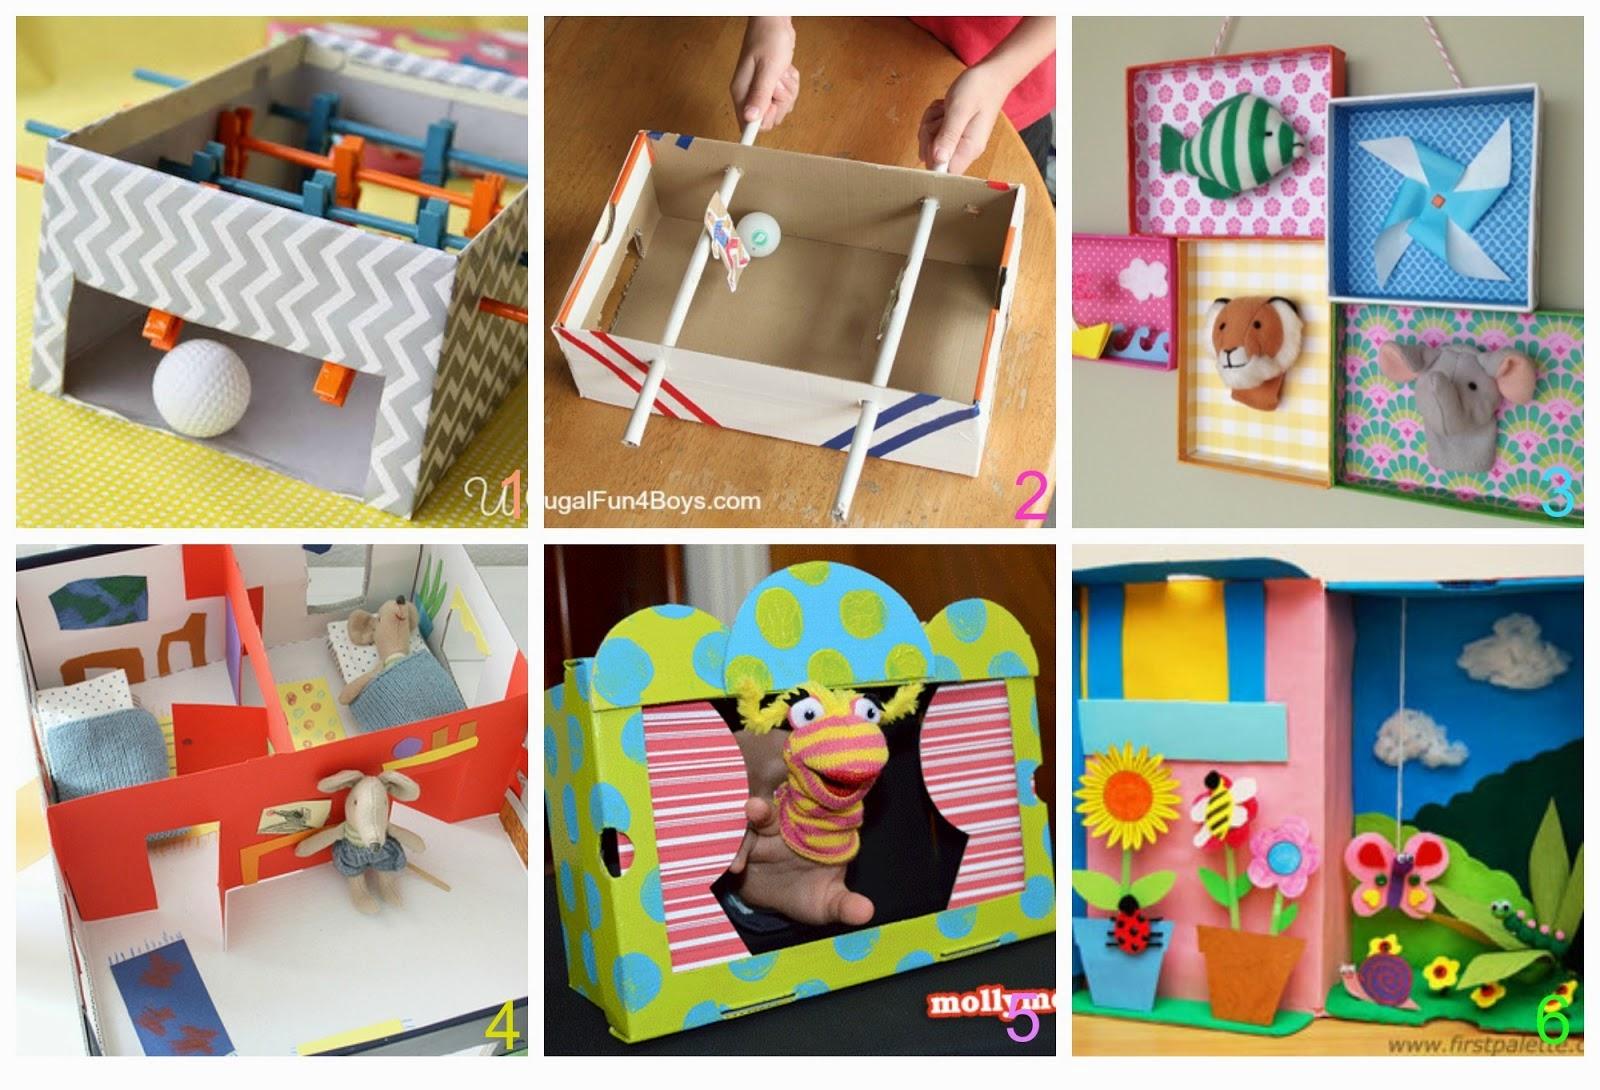 come-fare-giochi-per-bambini-con-le-scatole-per-le-scarpe